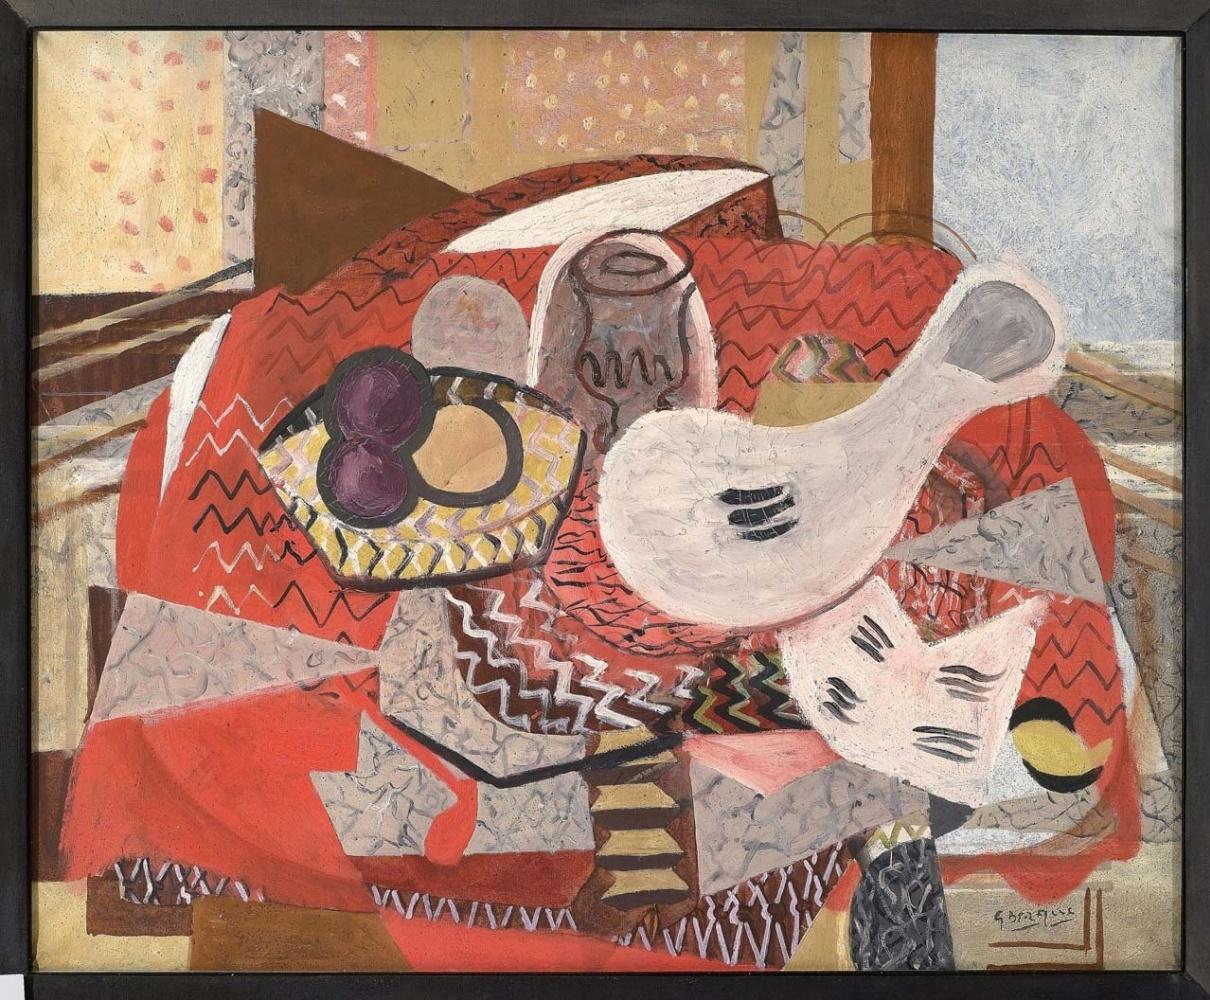 Жорж Брак: амбициозная ретроспектива в Музее Гуггенхайма